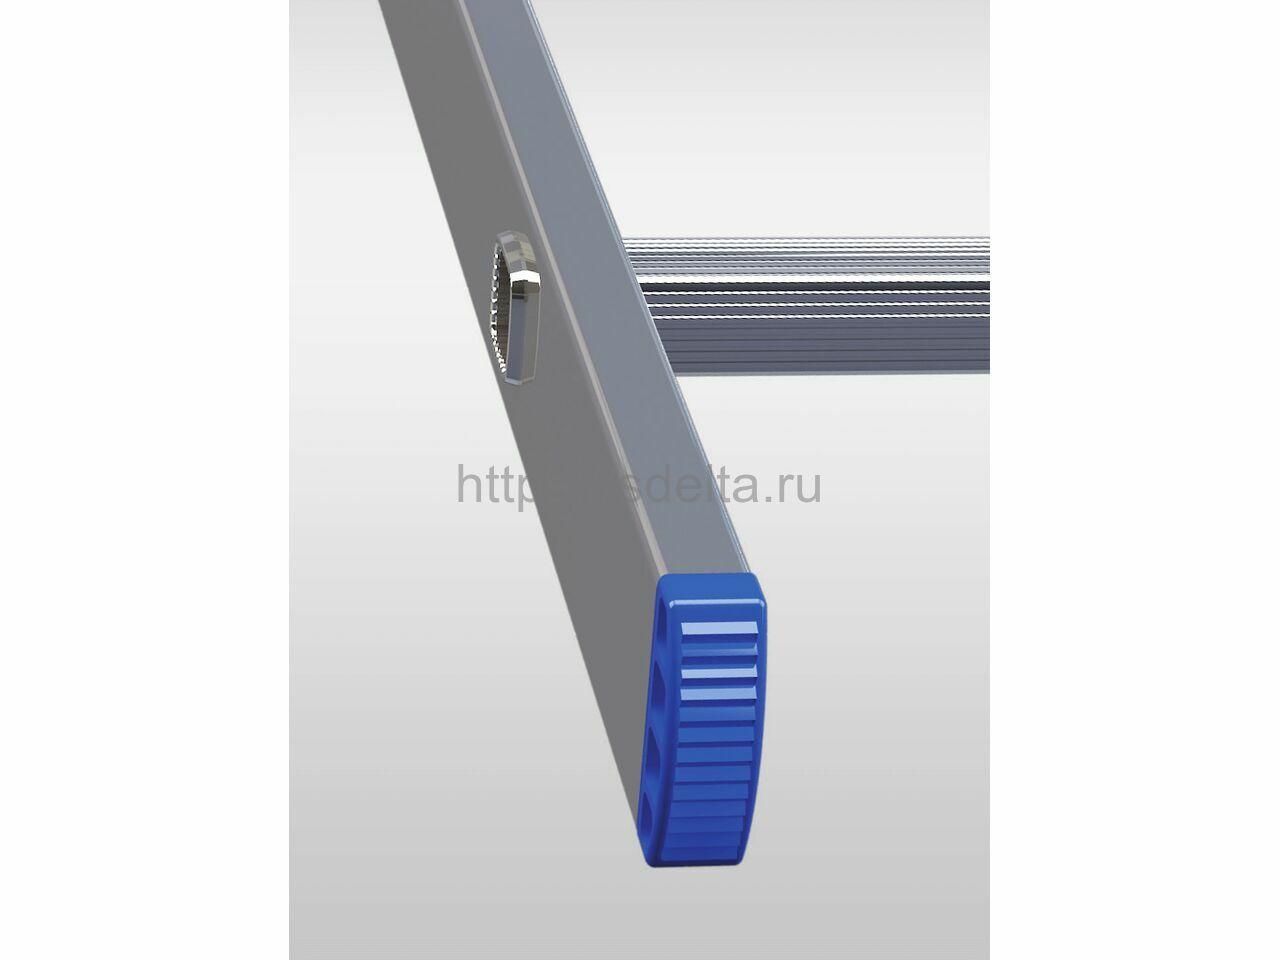 Односекционная алюминиевая лестница ELKOP VHR 1x11 HK